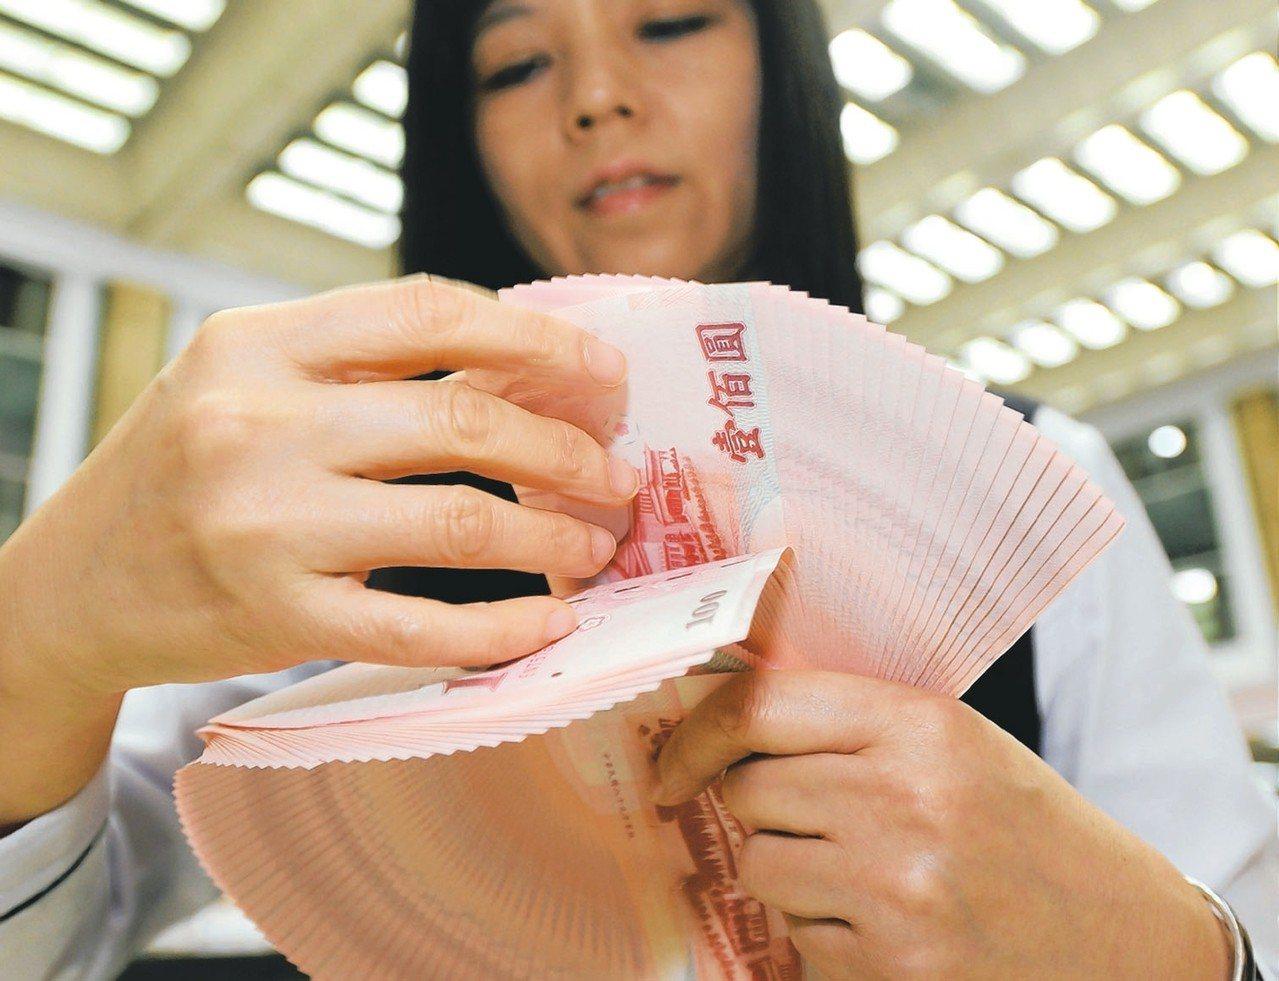 保德信調查發現,財務問題是台灣民眾最大的壓力來源。 圖/聯合報系資料照